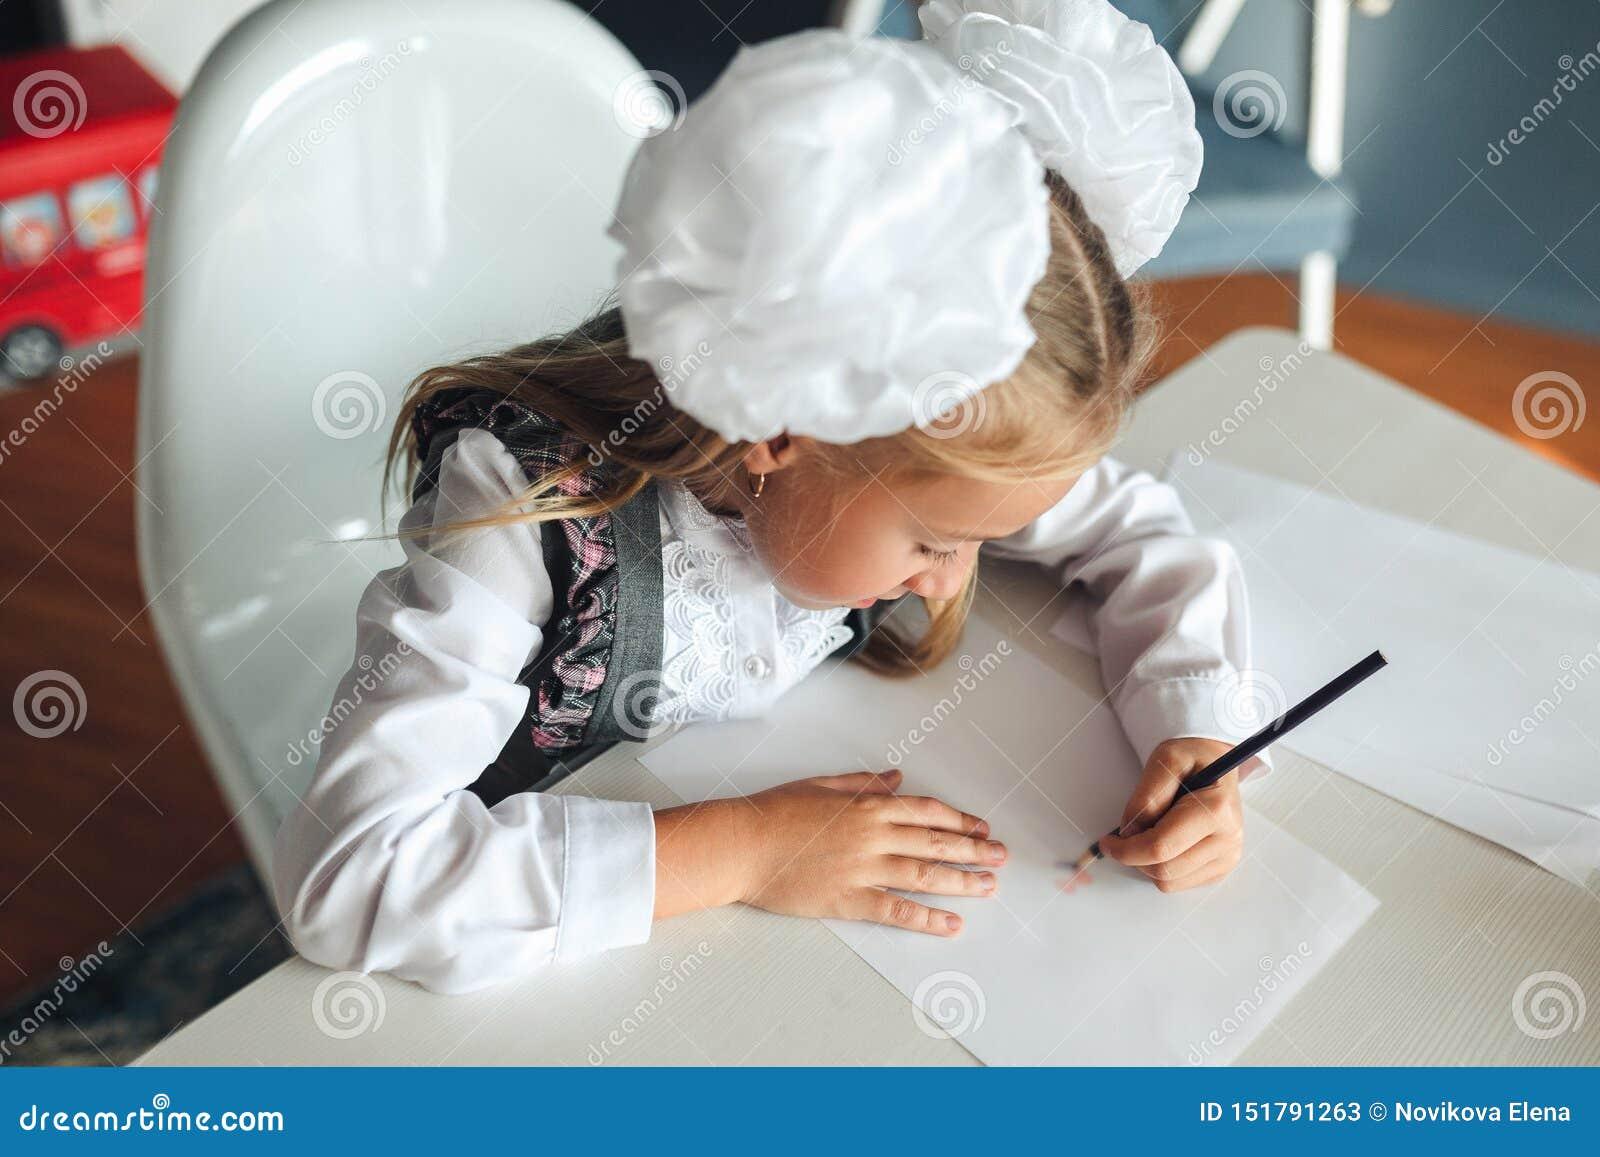 Boa imagem do desenho bonito da estudante com lápis coloridos ao sentar-se na tabela durante a lição da arte na escola estudante